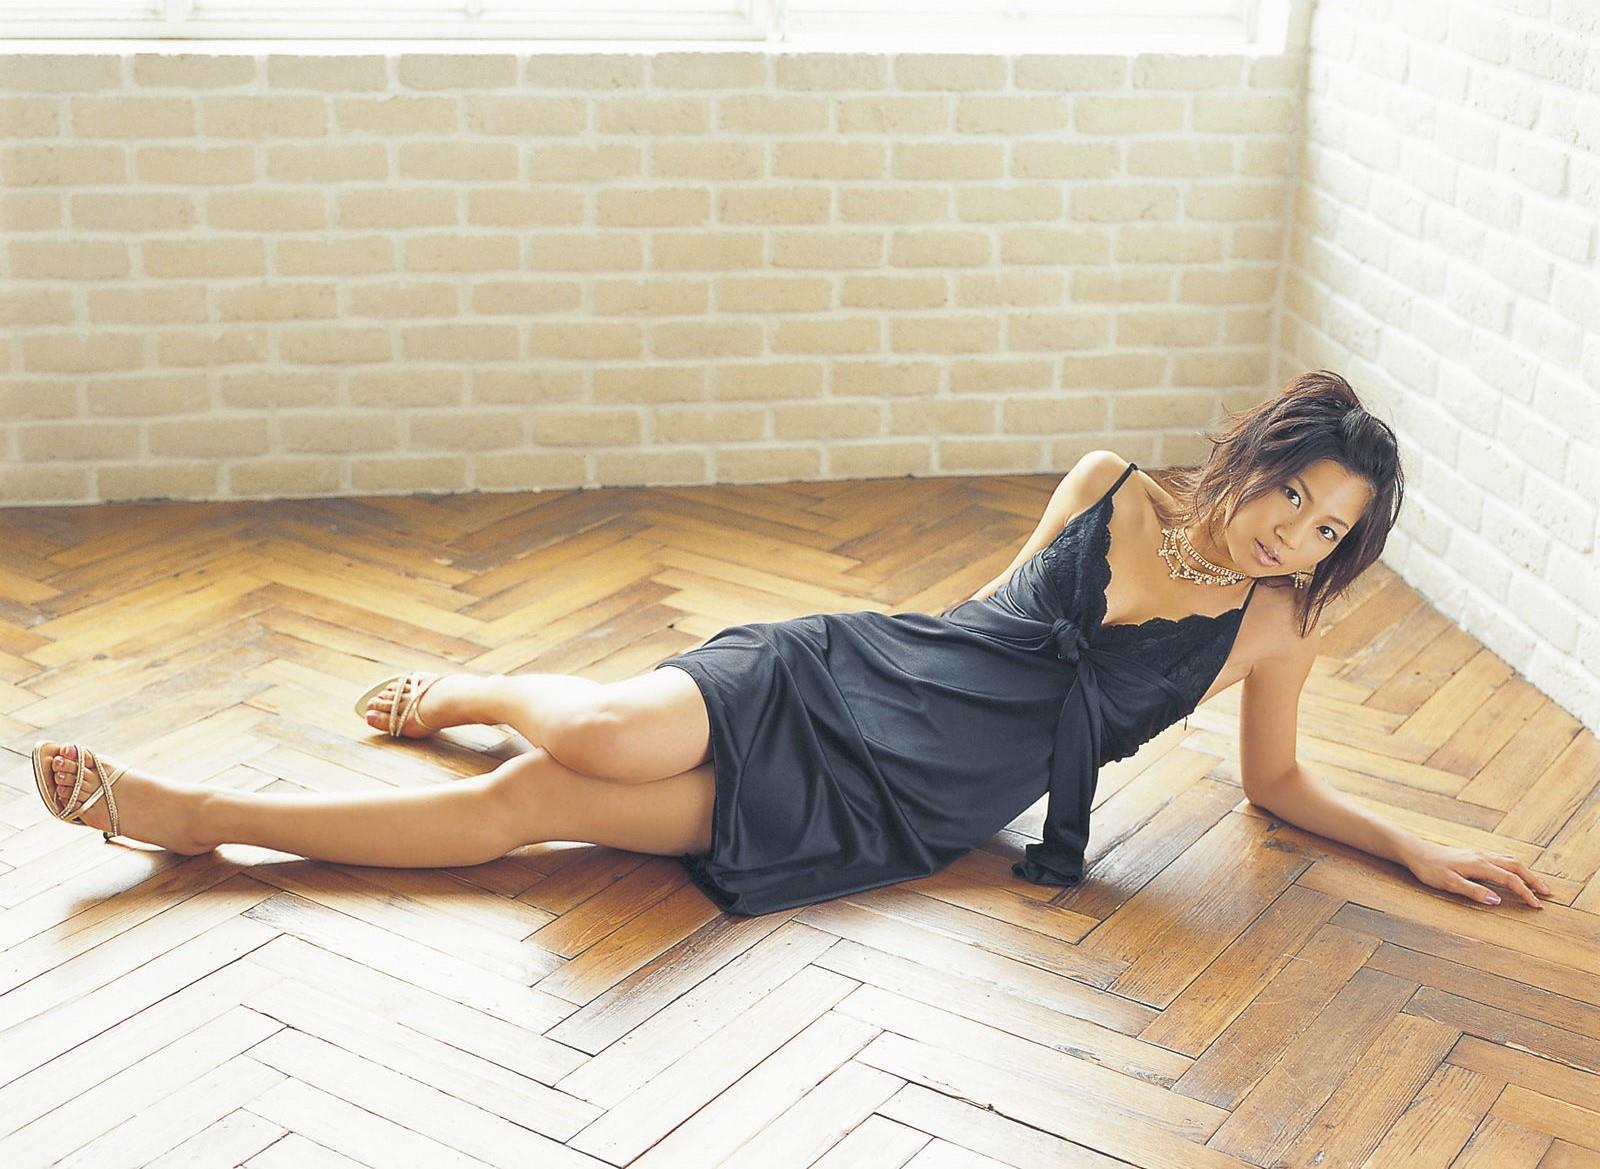 安田美沙子 画像